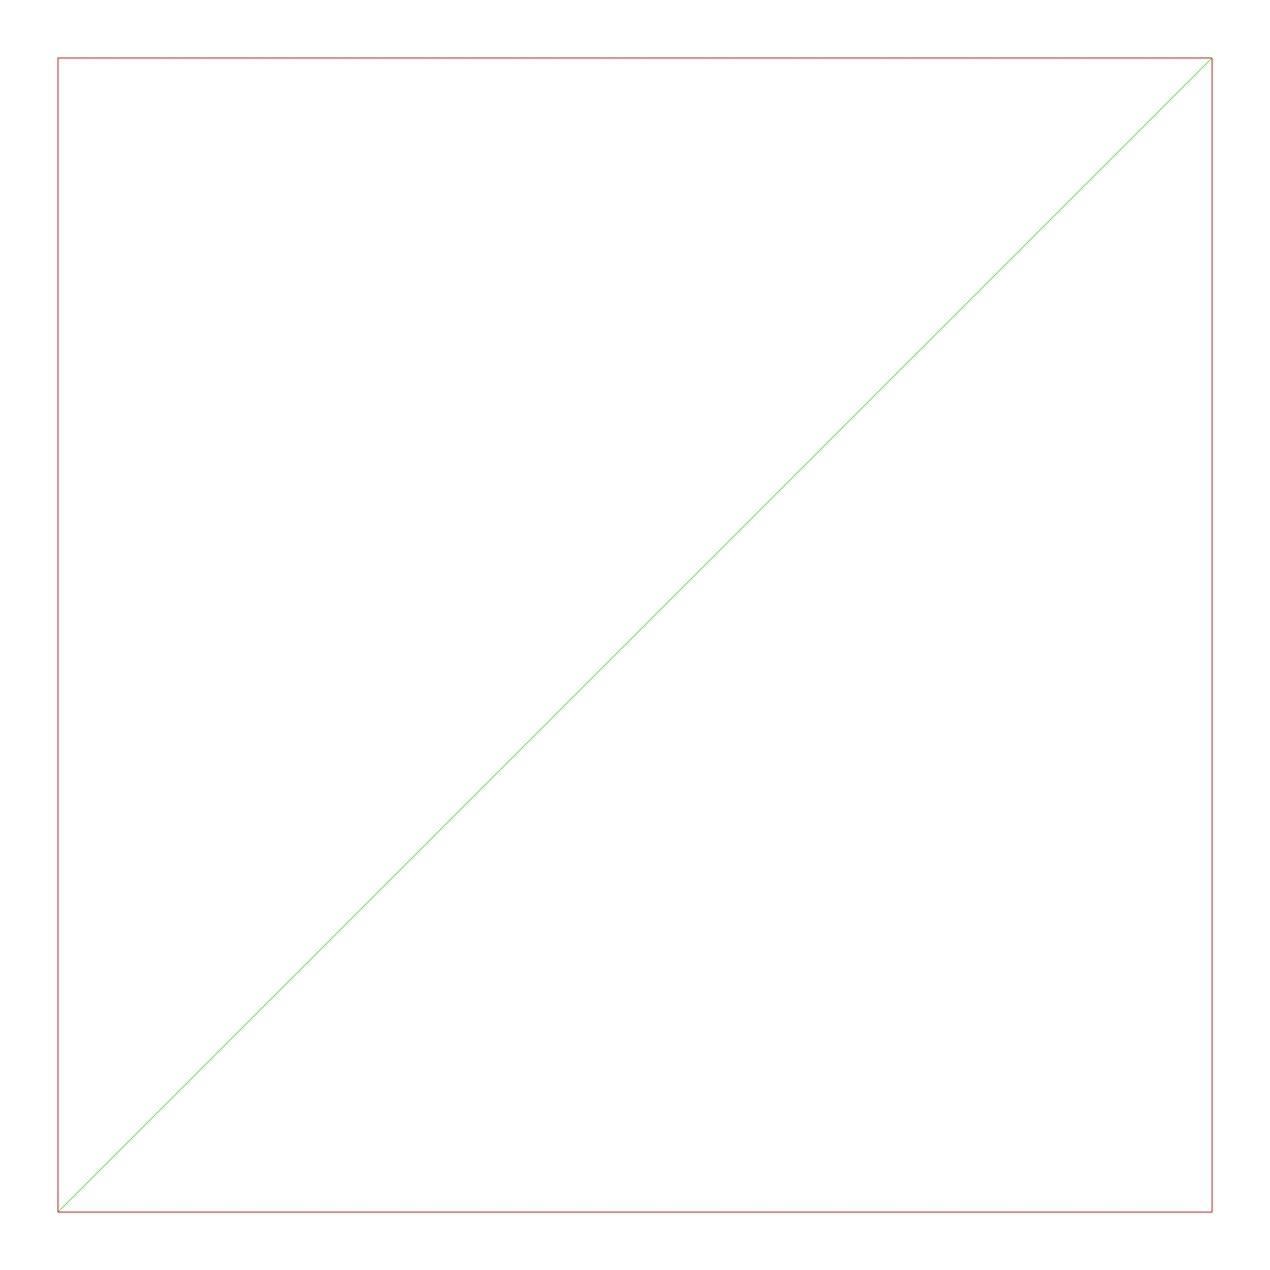 https://gn-api-res.s3.amazonaws.com/49f3541ed84c6e83f6144db301524f28650f122378906050aab4a040a5eb3f0d/rectangle.jpg